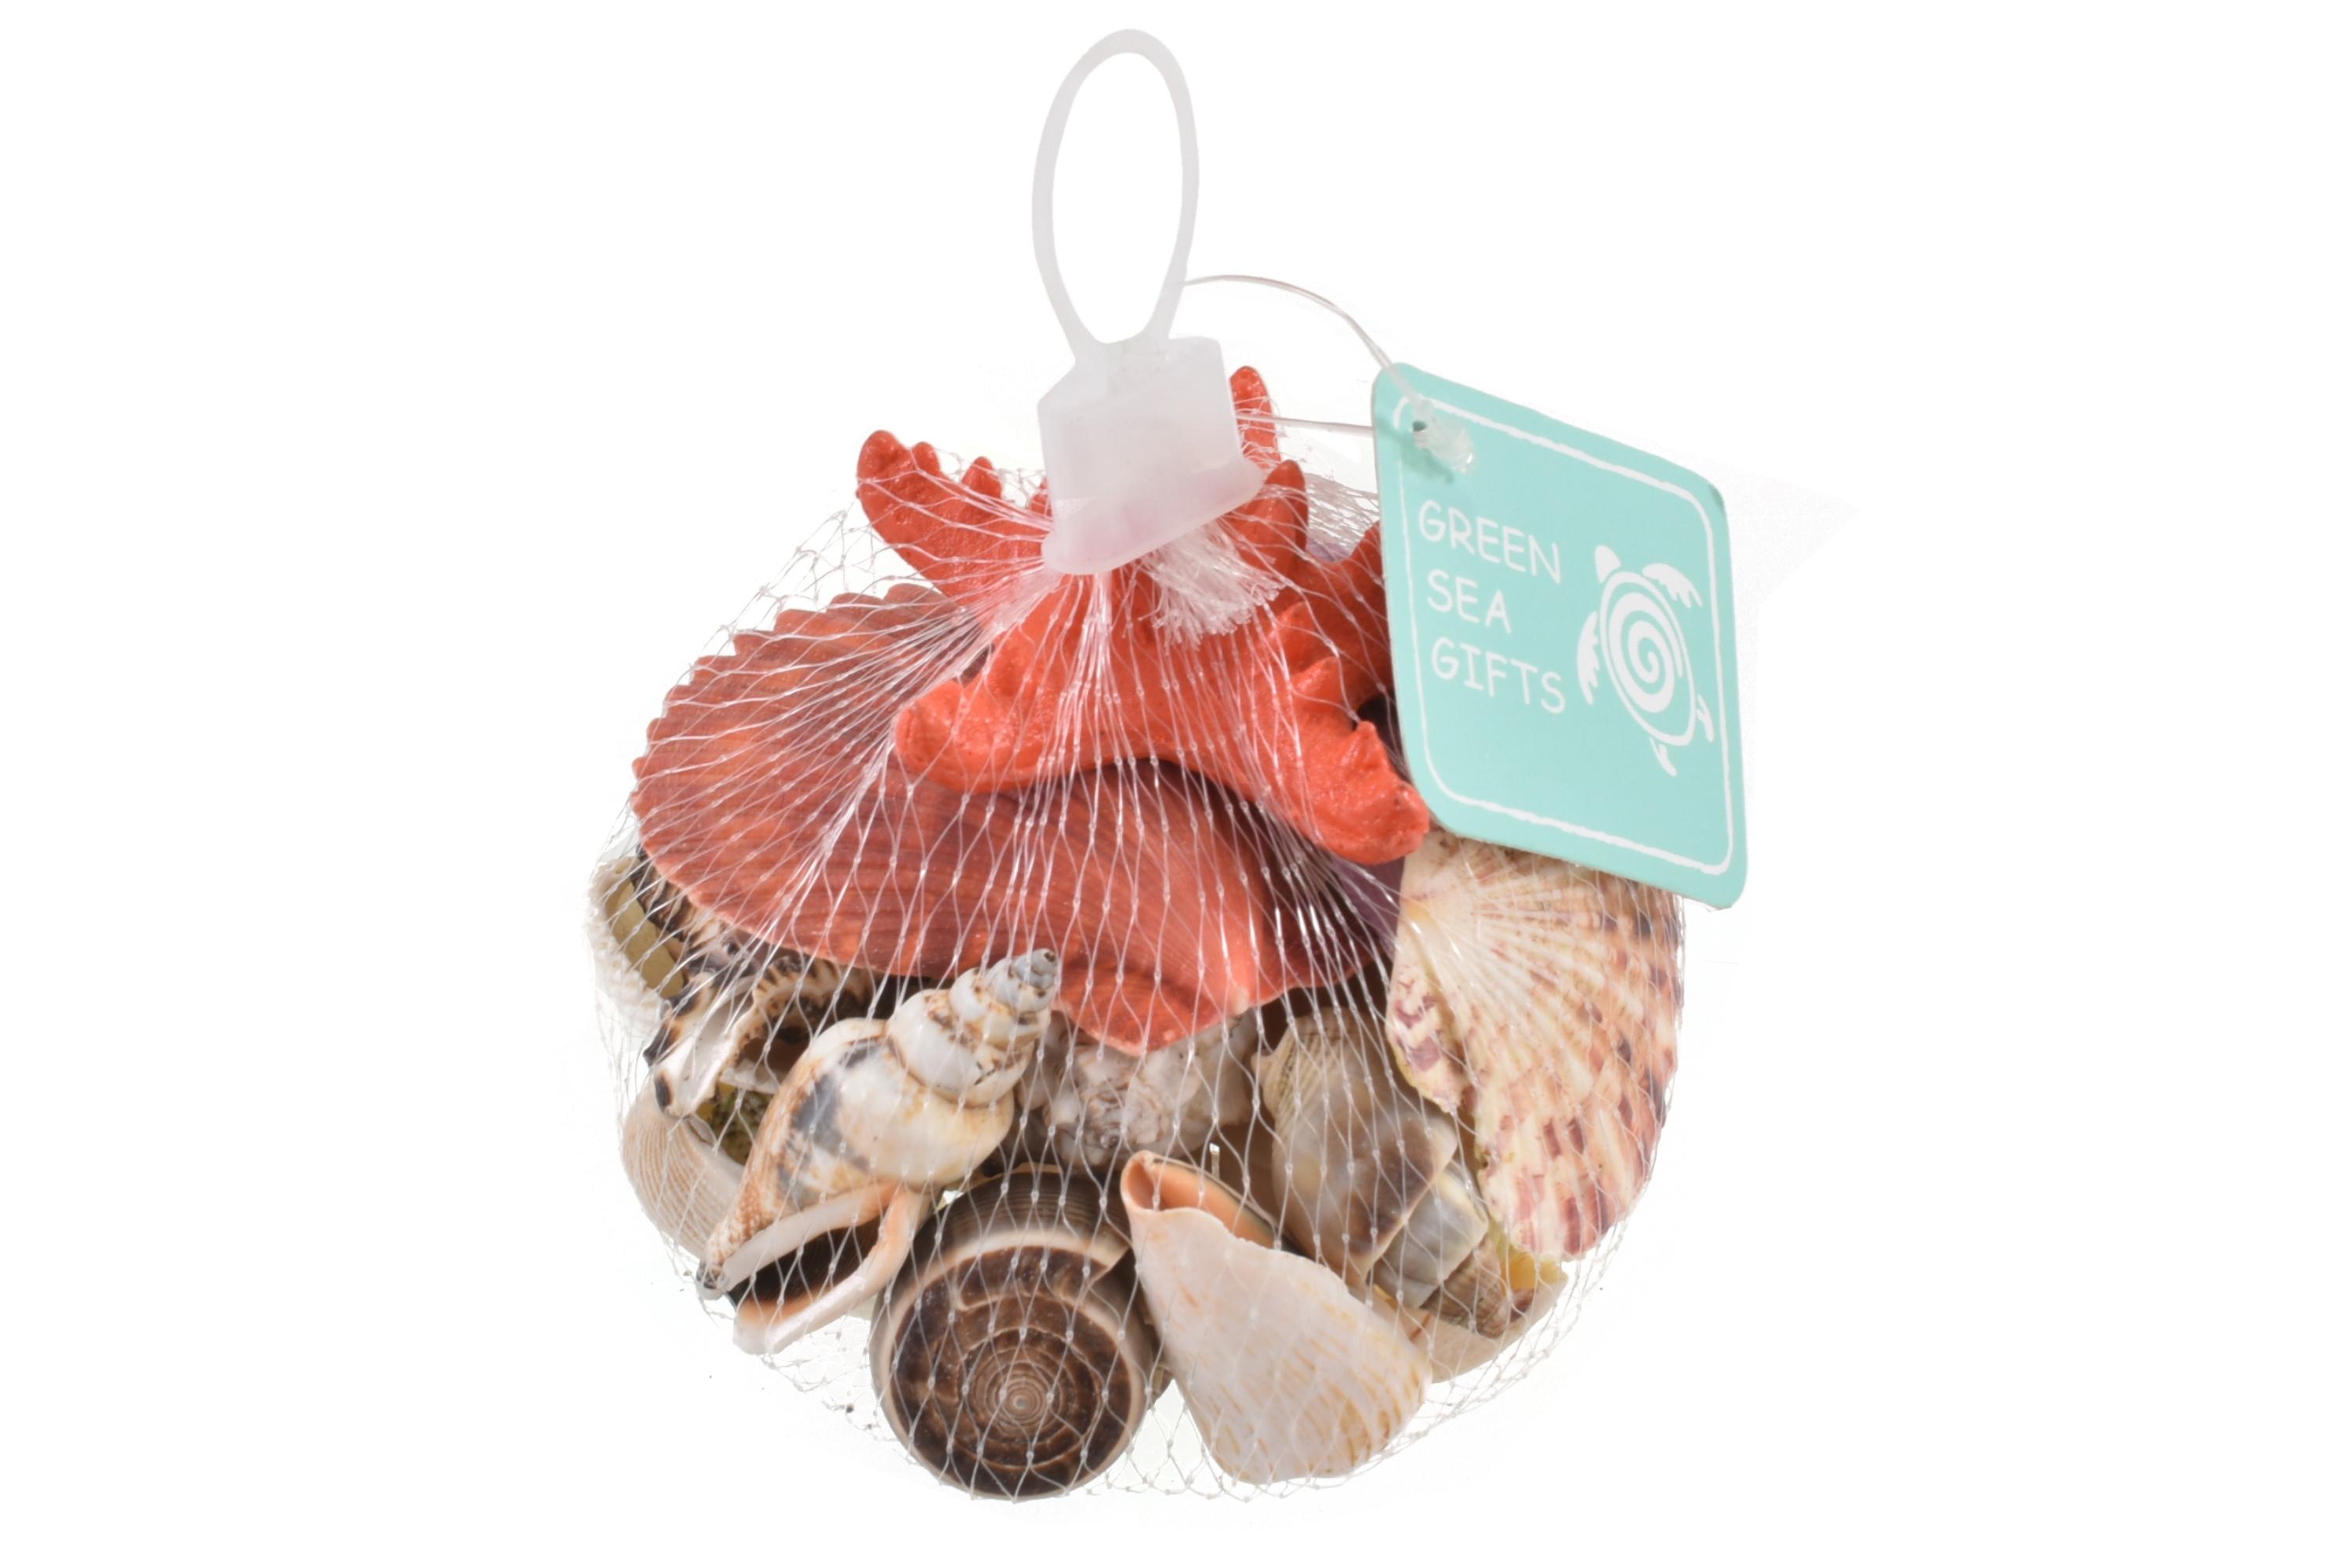 Shells In Net Bag - 250gms